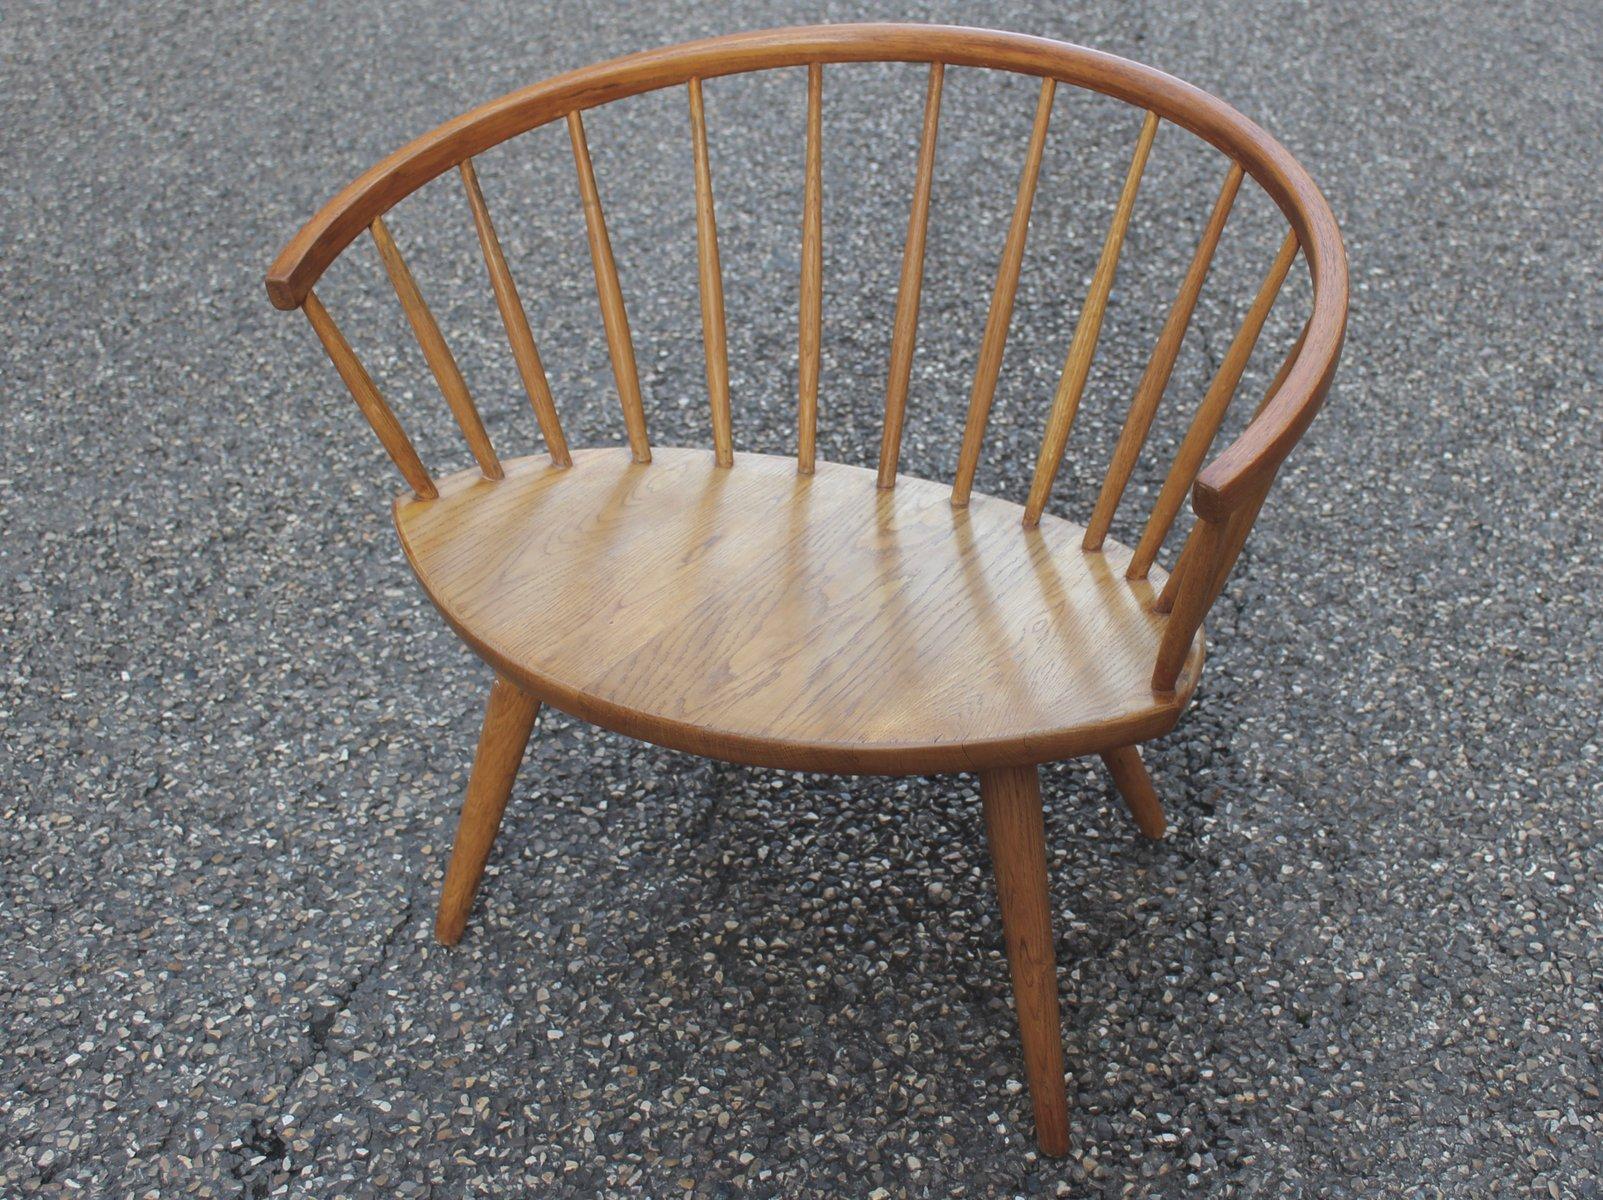 Arka Chair aus Eiche von Yngve Ekström für Stolab, 1955